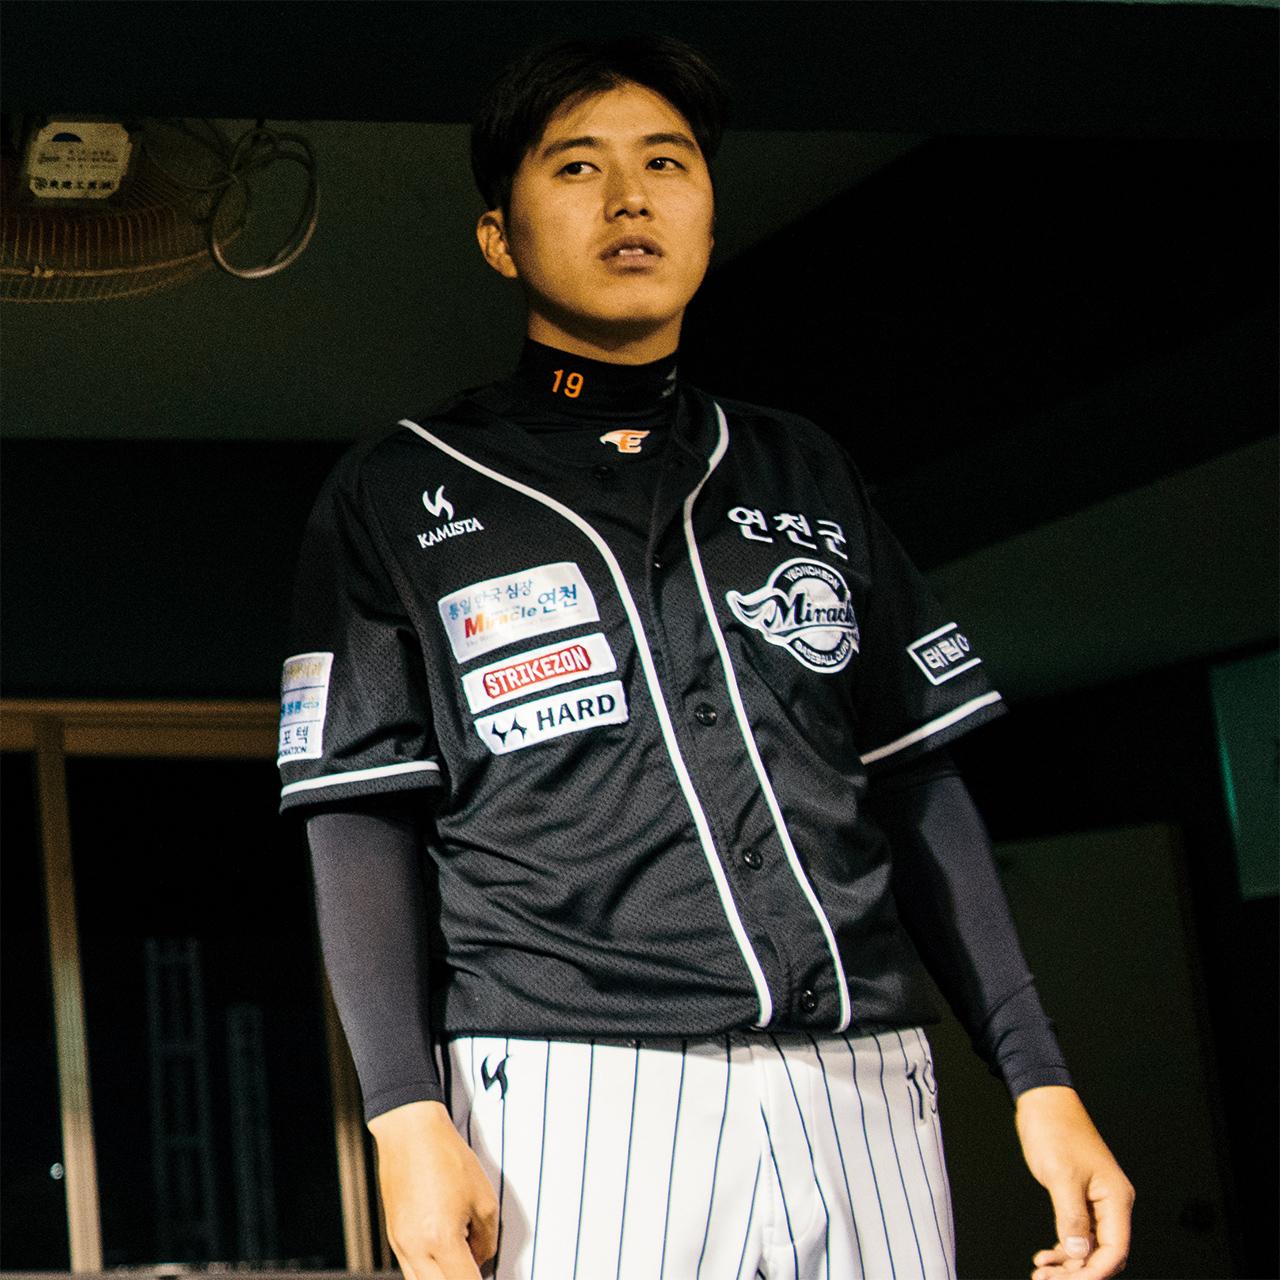 """<strong>허유강(19번, 1986년생), 투수</strong><br/>""""용기를 내서 연천 미라클에 들어왔어요. 제가 야구를 계속하기를 바라는 분이 많아서 그분들을 생각하며 합니다. 야구하면서 실보다 득이 많았어요. 열심히 살았던 친구로 기억되고 싶습니다."""""""